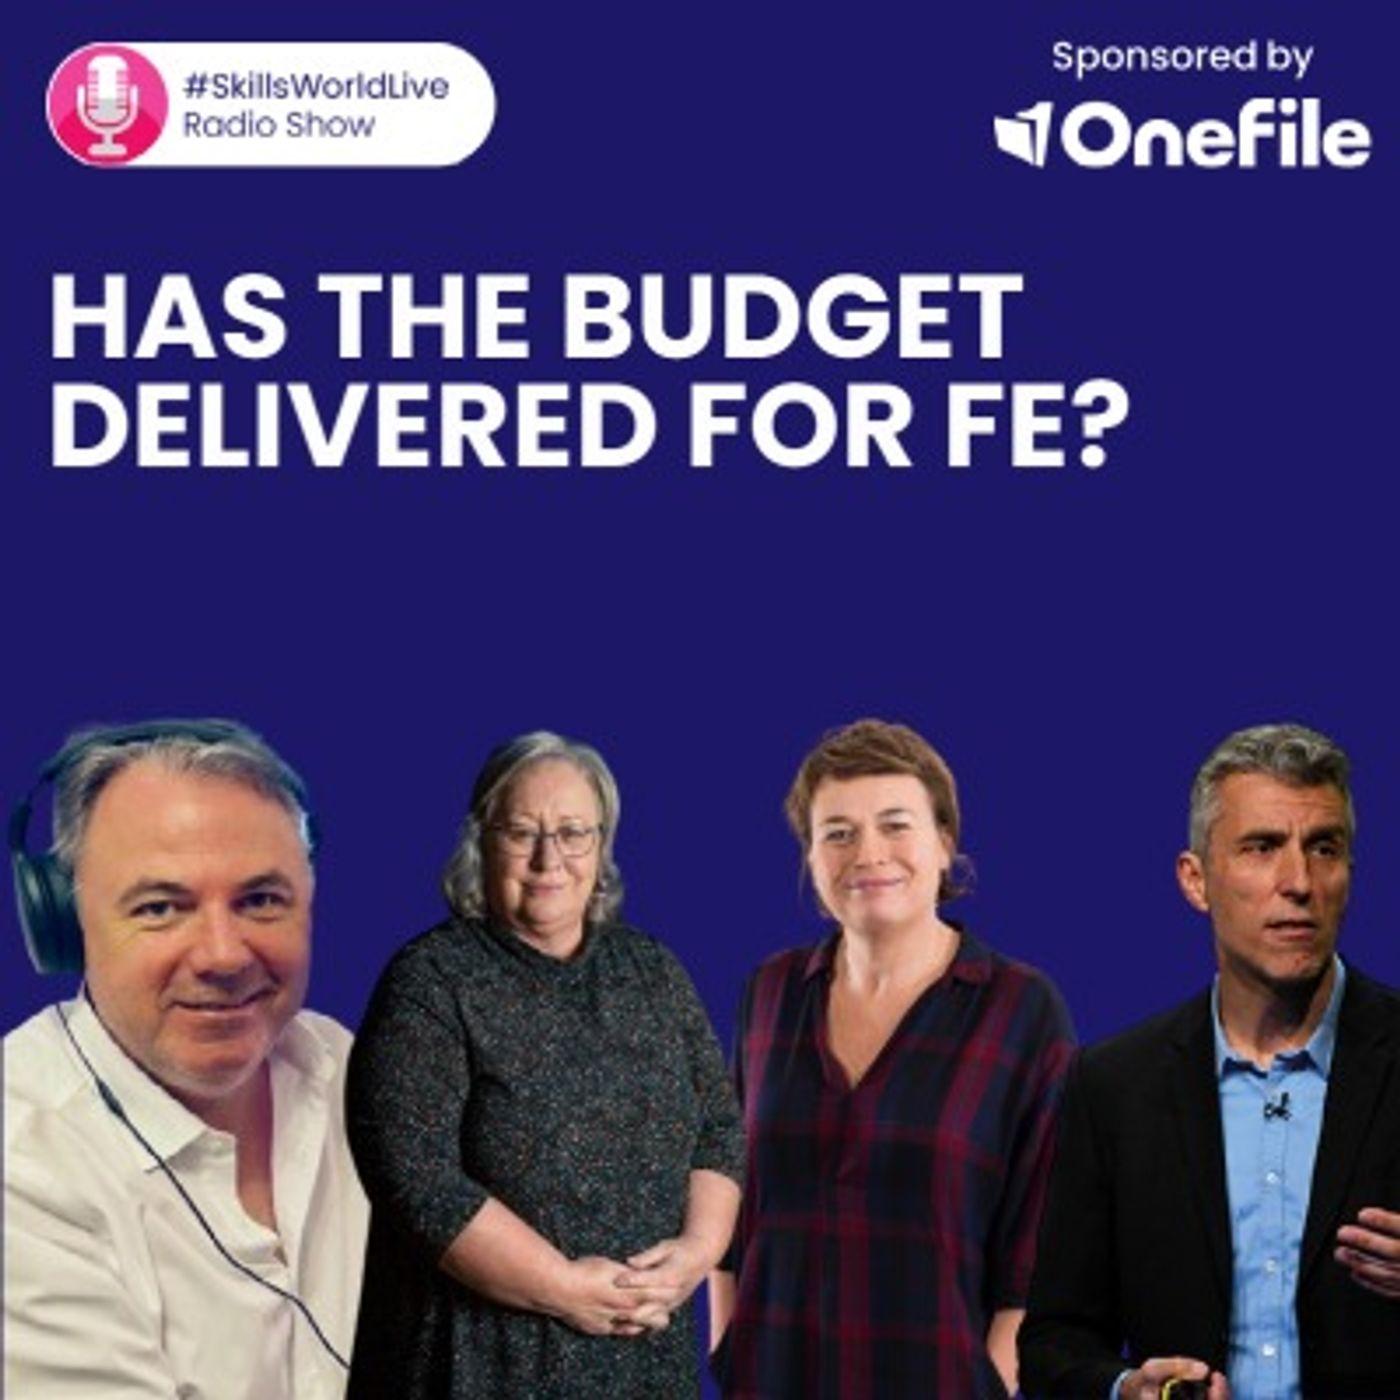 Has the Budget delivered for FE? #SkillsWorldLive 3.1